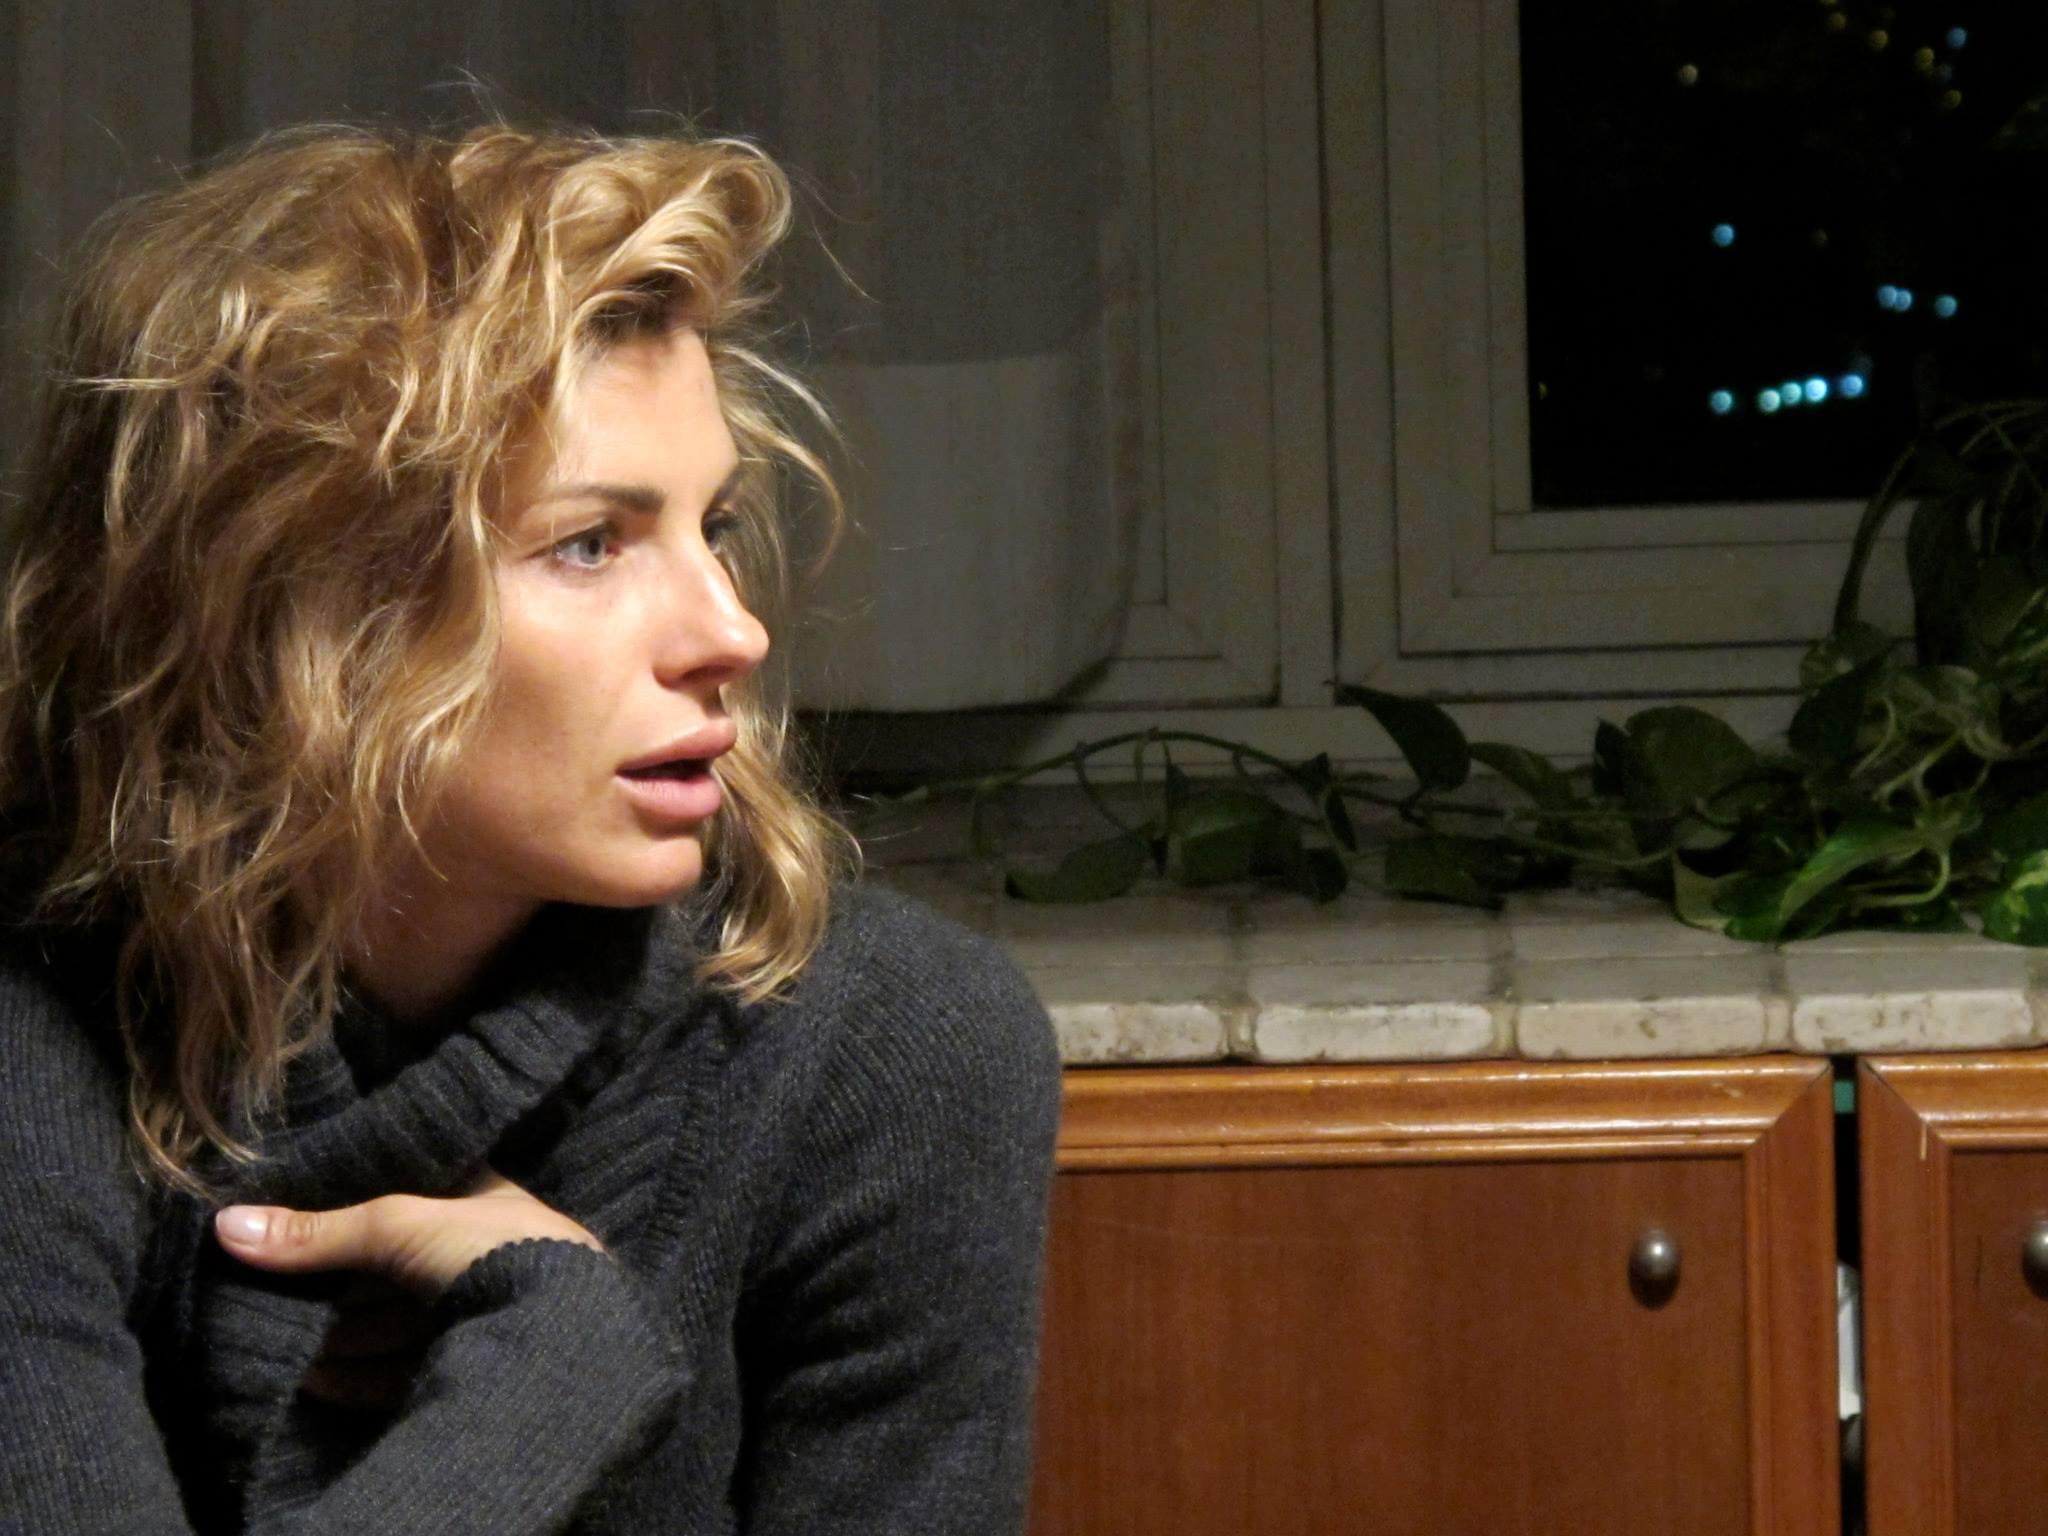 Barbara ed io, nelle sale il film diretto e interpretato da Raffaele Esposito con una Martina Colombari eccezionale